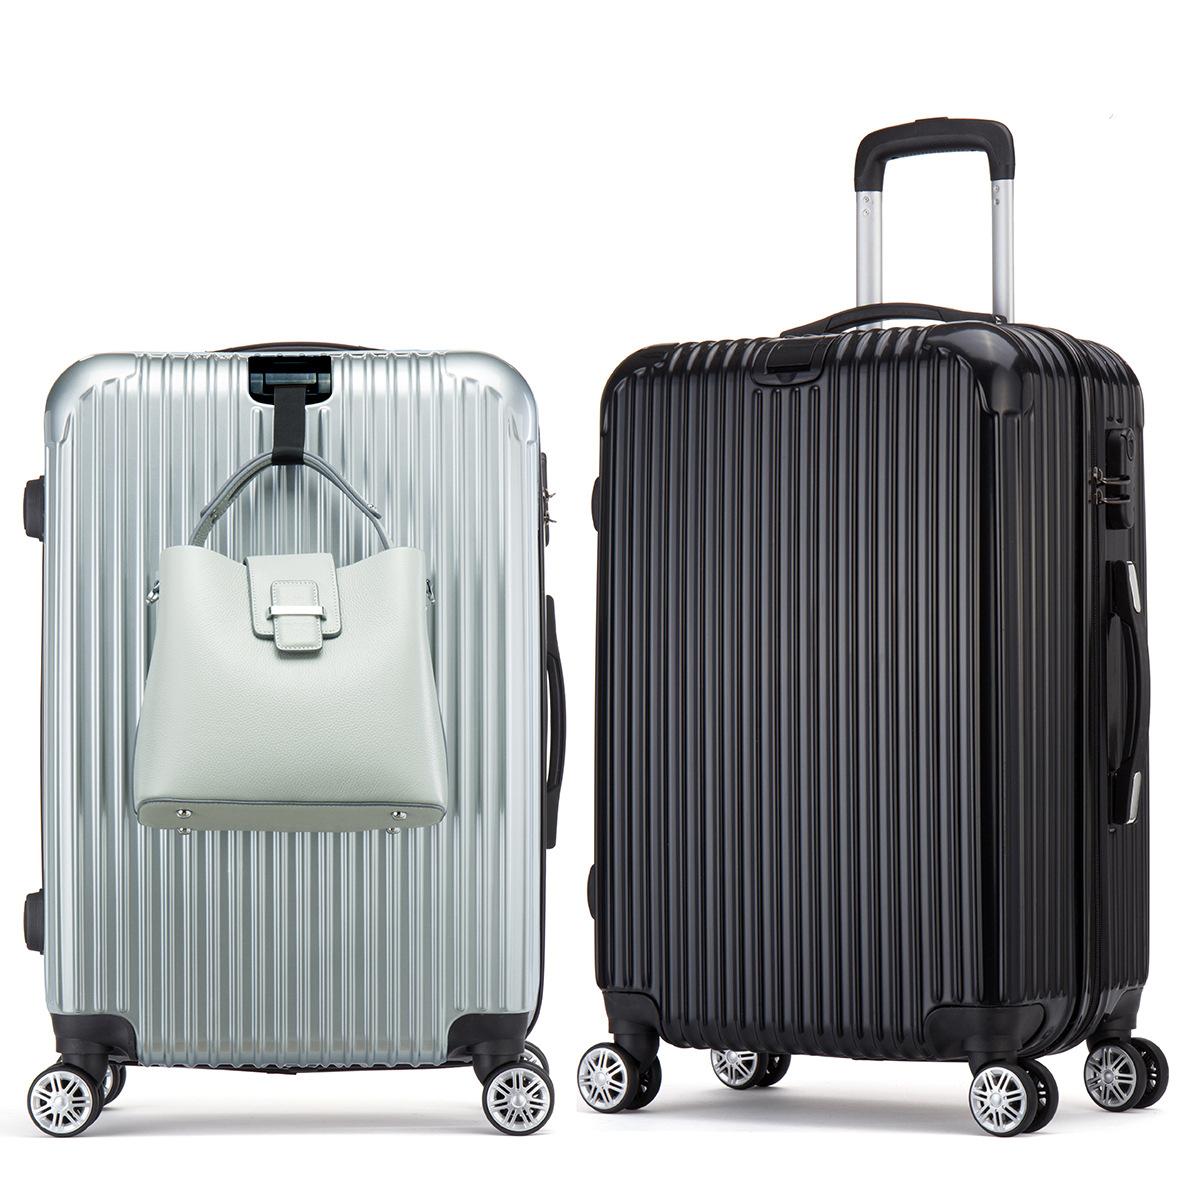 万向轮拉杆箱 挂扣旅行箱包活动礼品商务定制密码行李箱一件代发图片